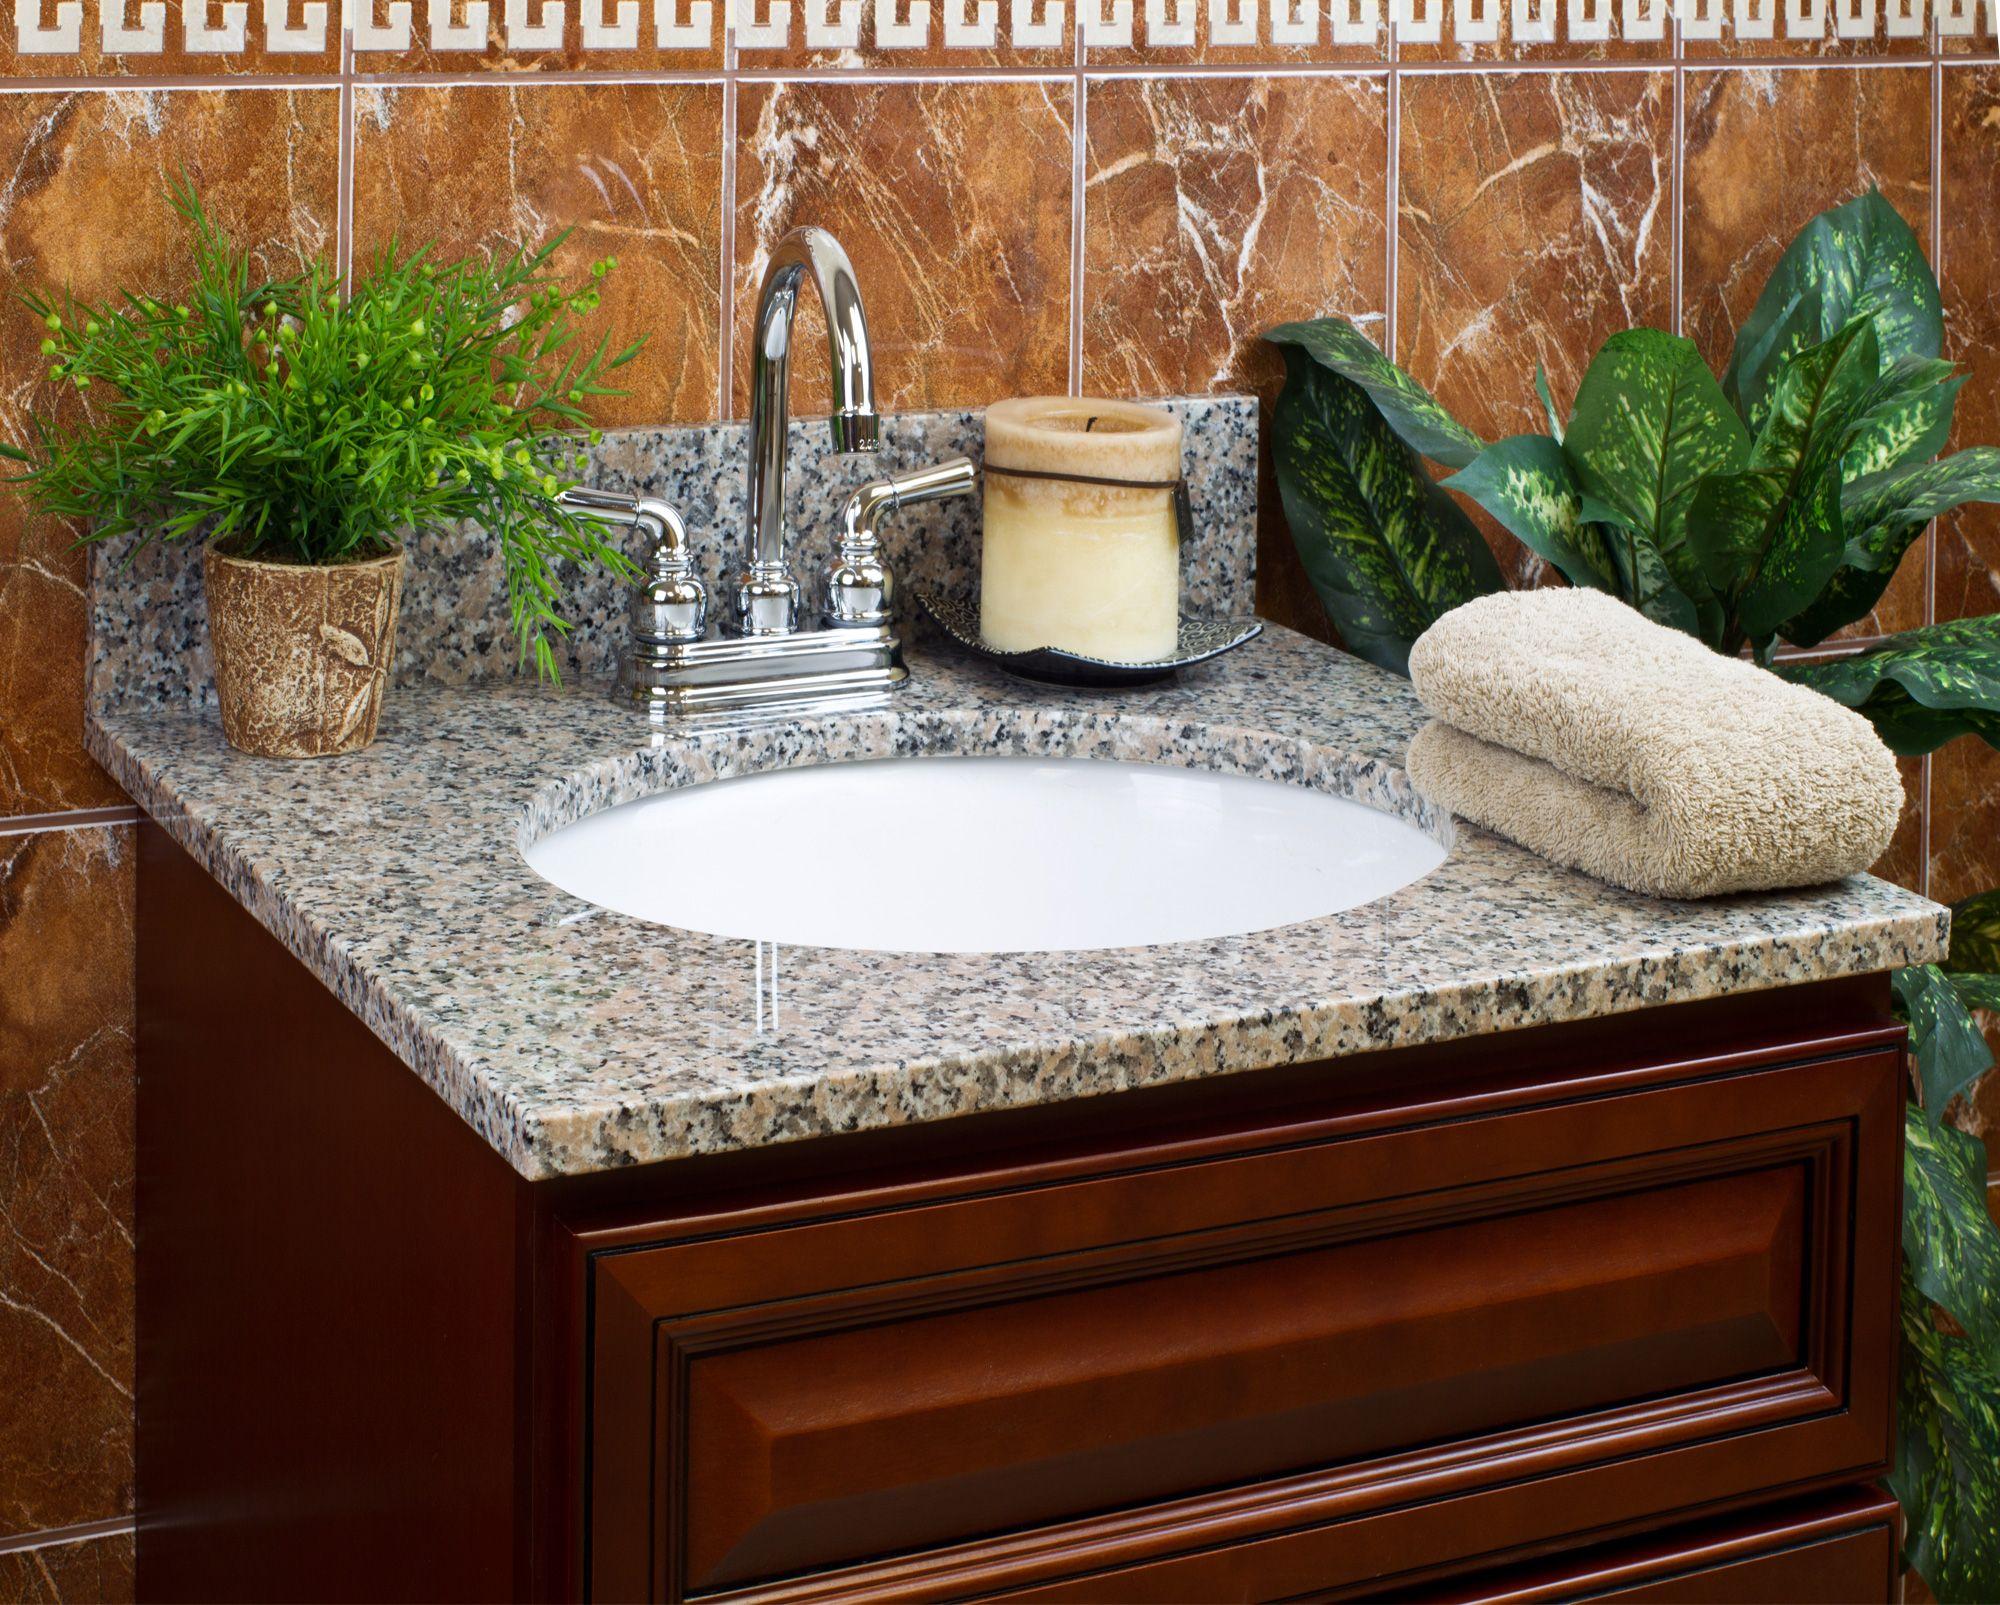 Web Image Gallery Burlywood Granite Vanity Top u or in Faucet Spread u in